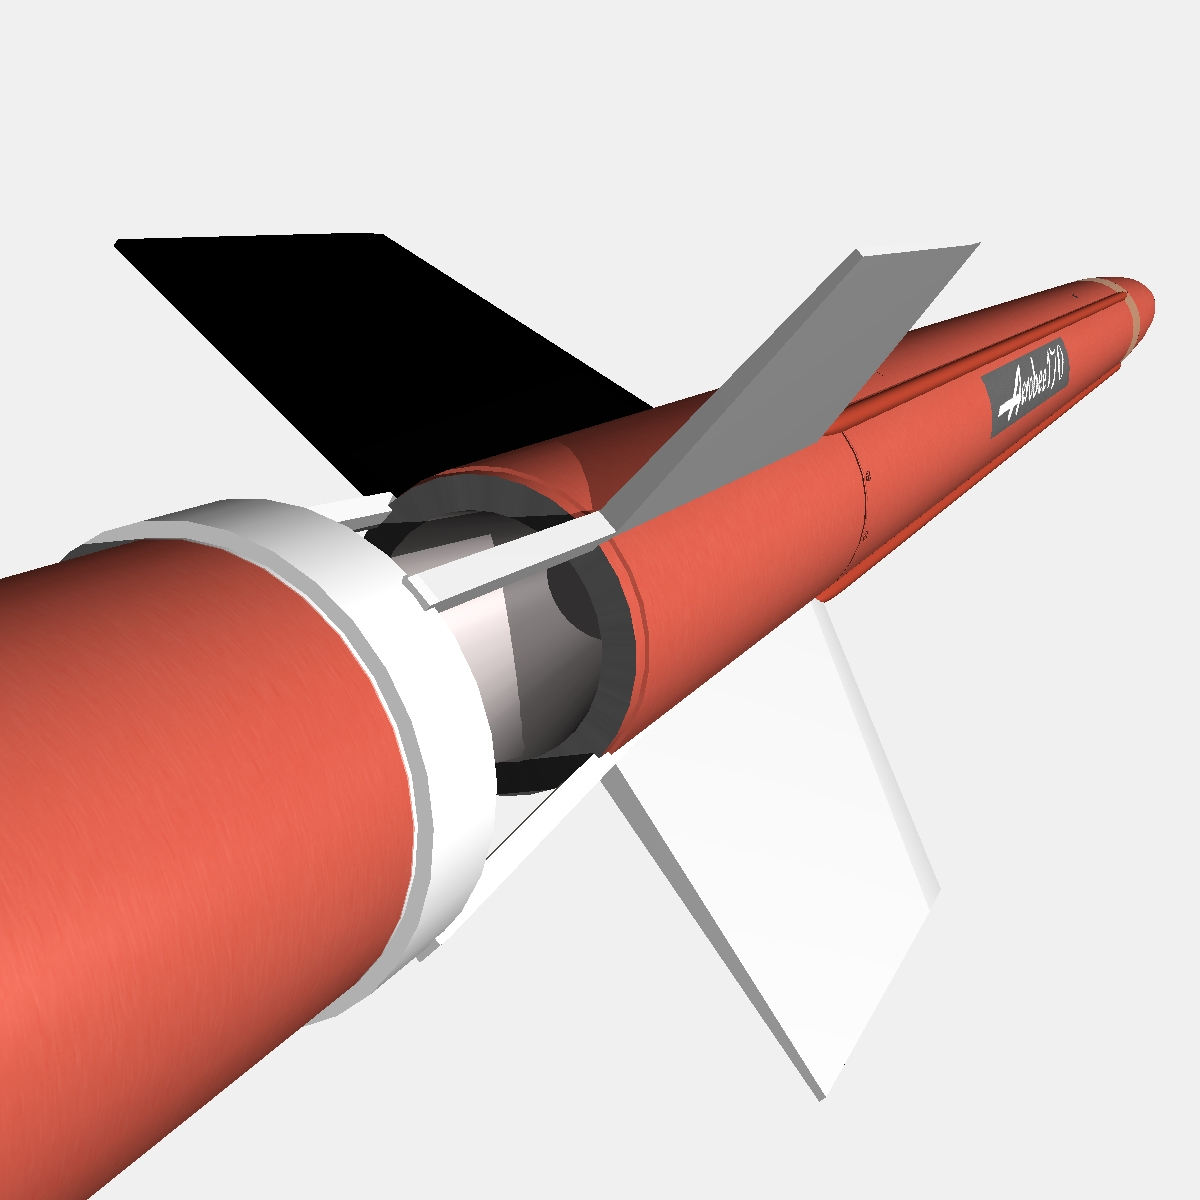 aerobee roicéad 170 3d múnla 3ds dxf fbx cumasc cob dae x obj 166040